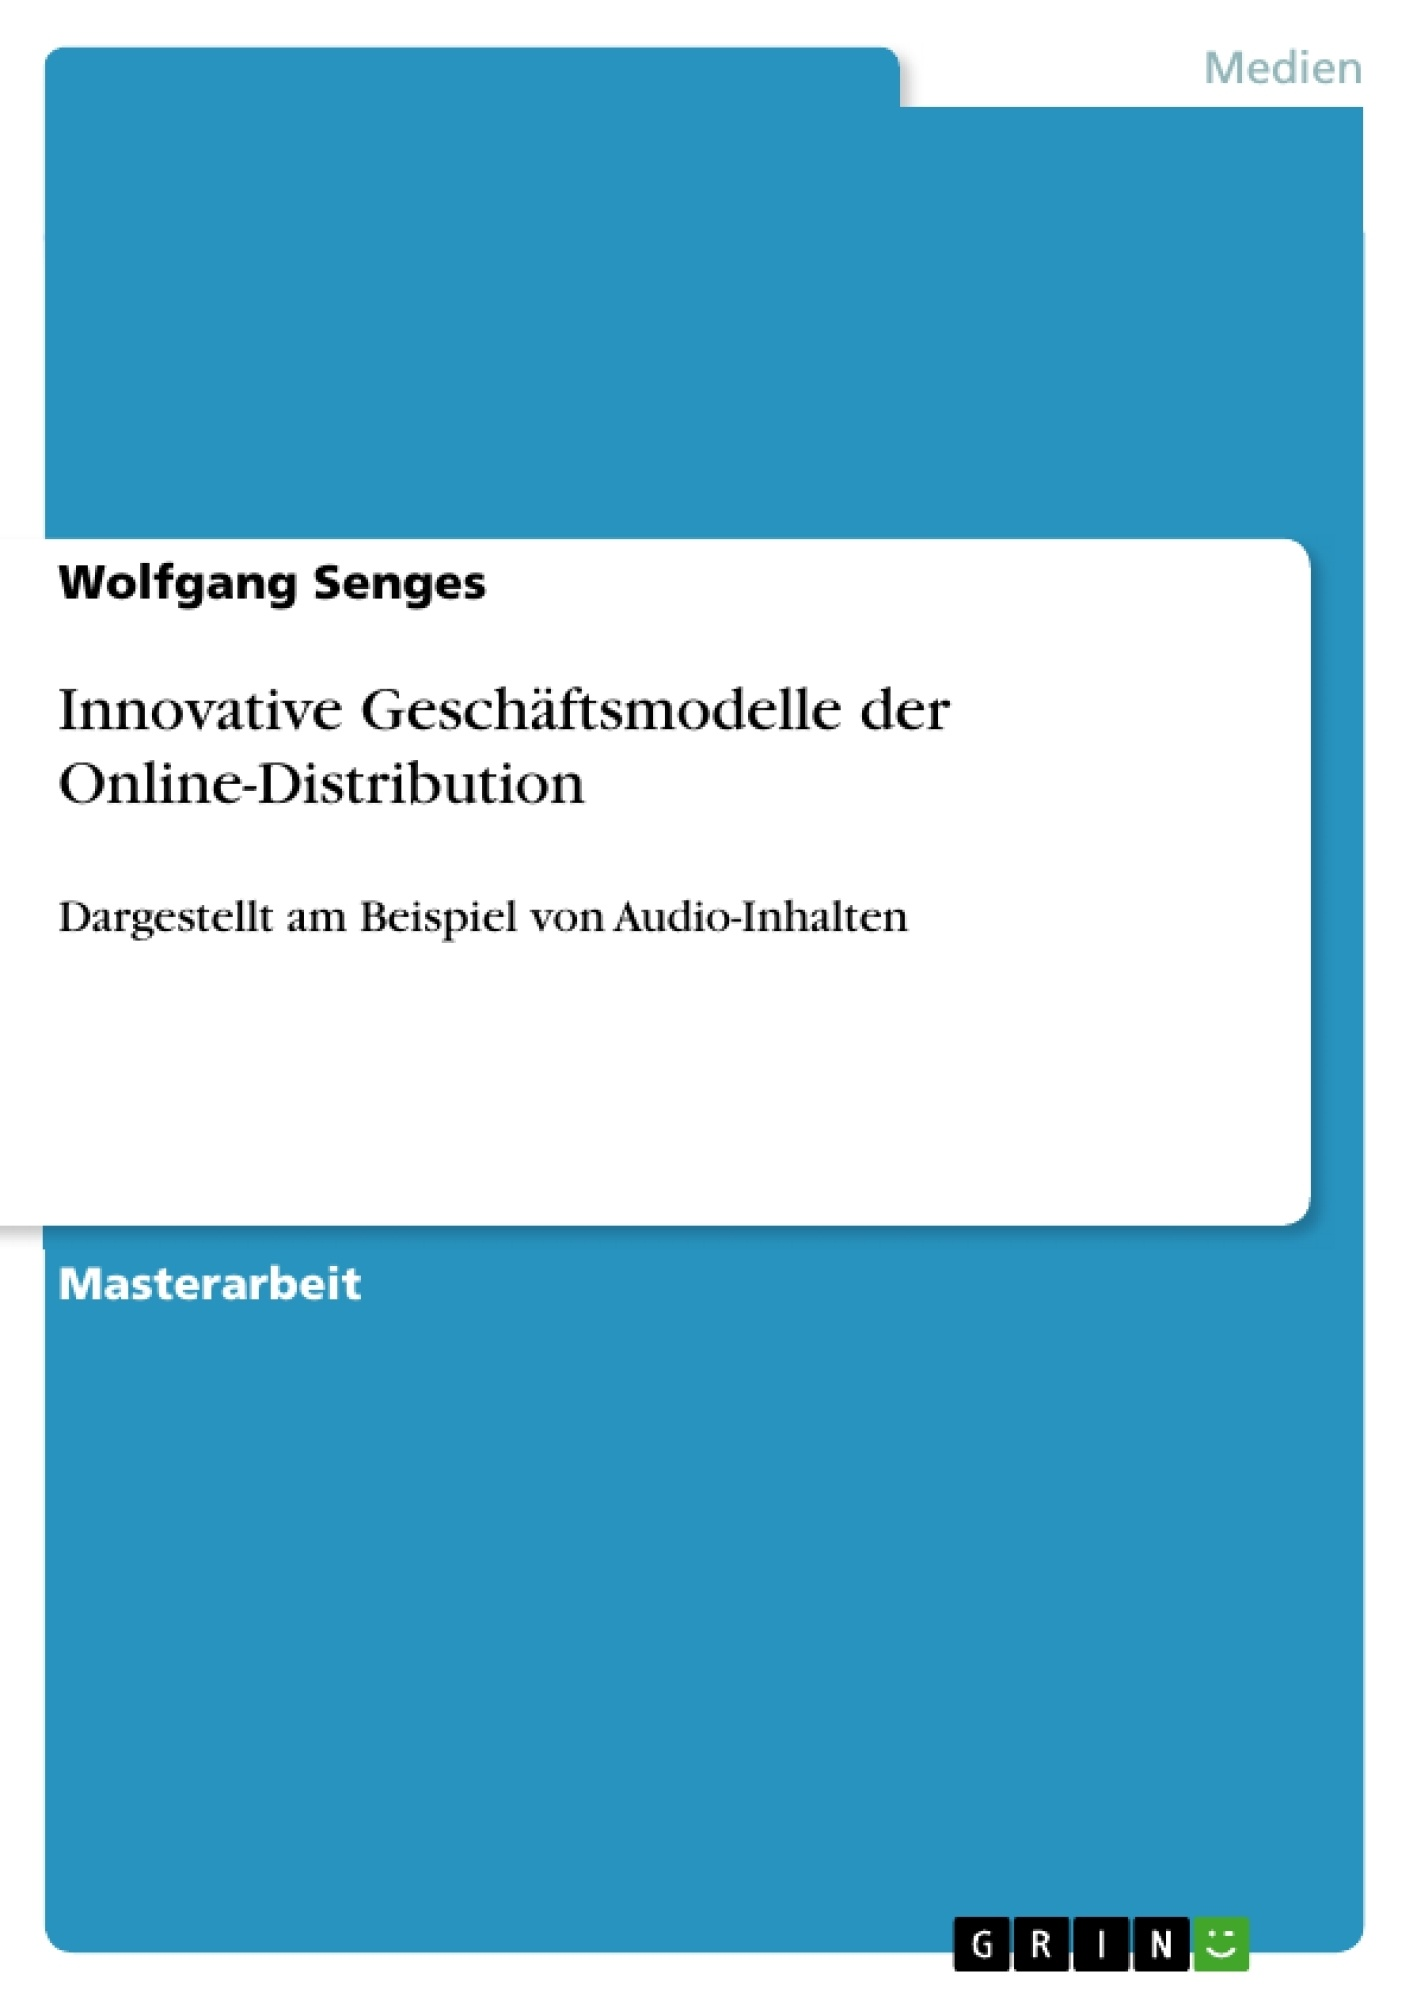 Titel: Innovative Geschäftsmodelle der Online-Distribution